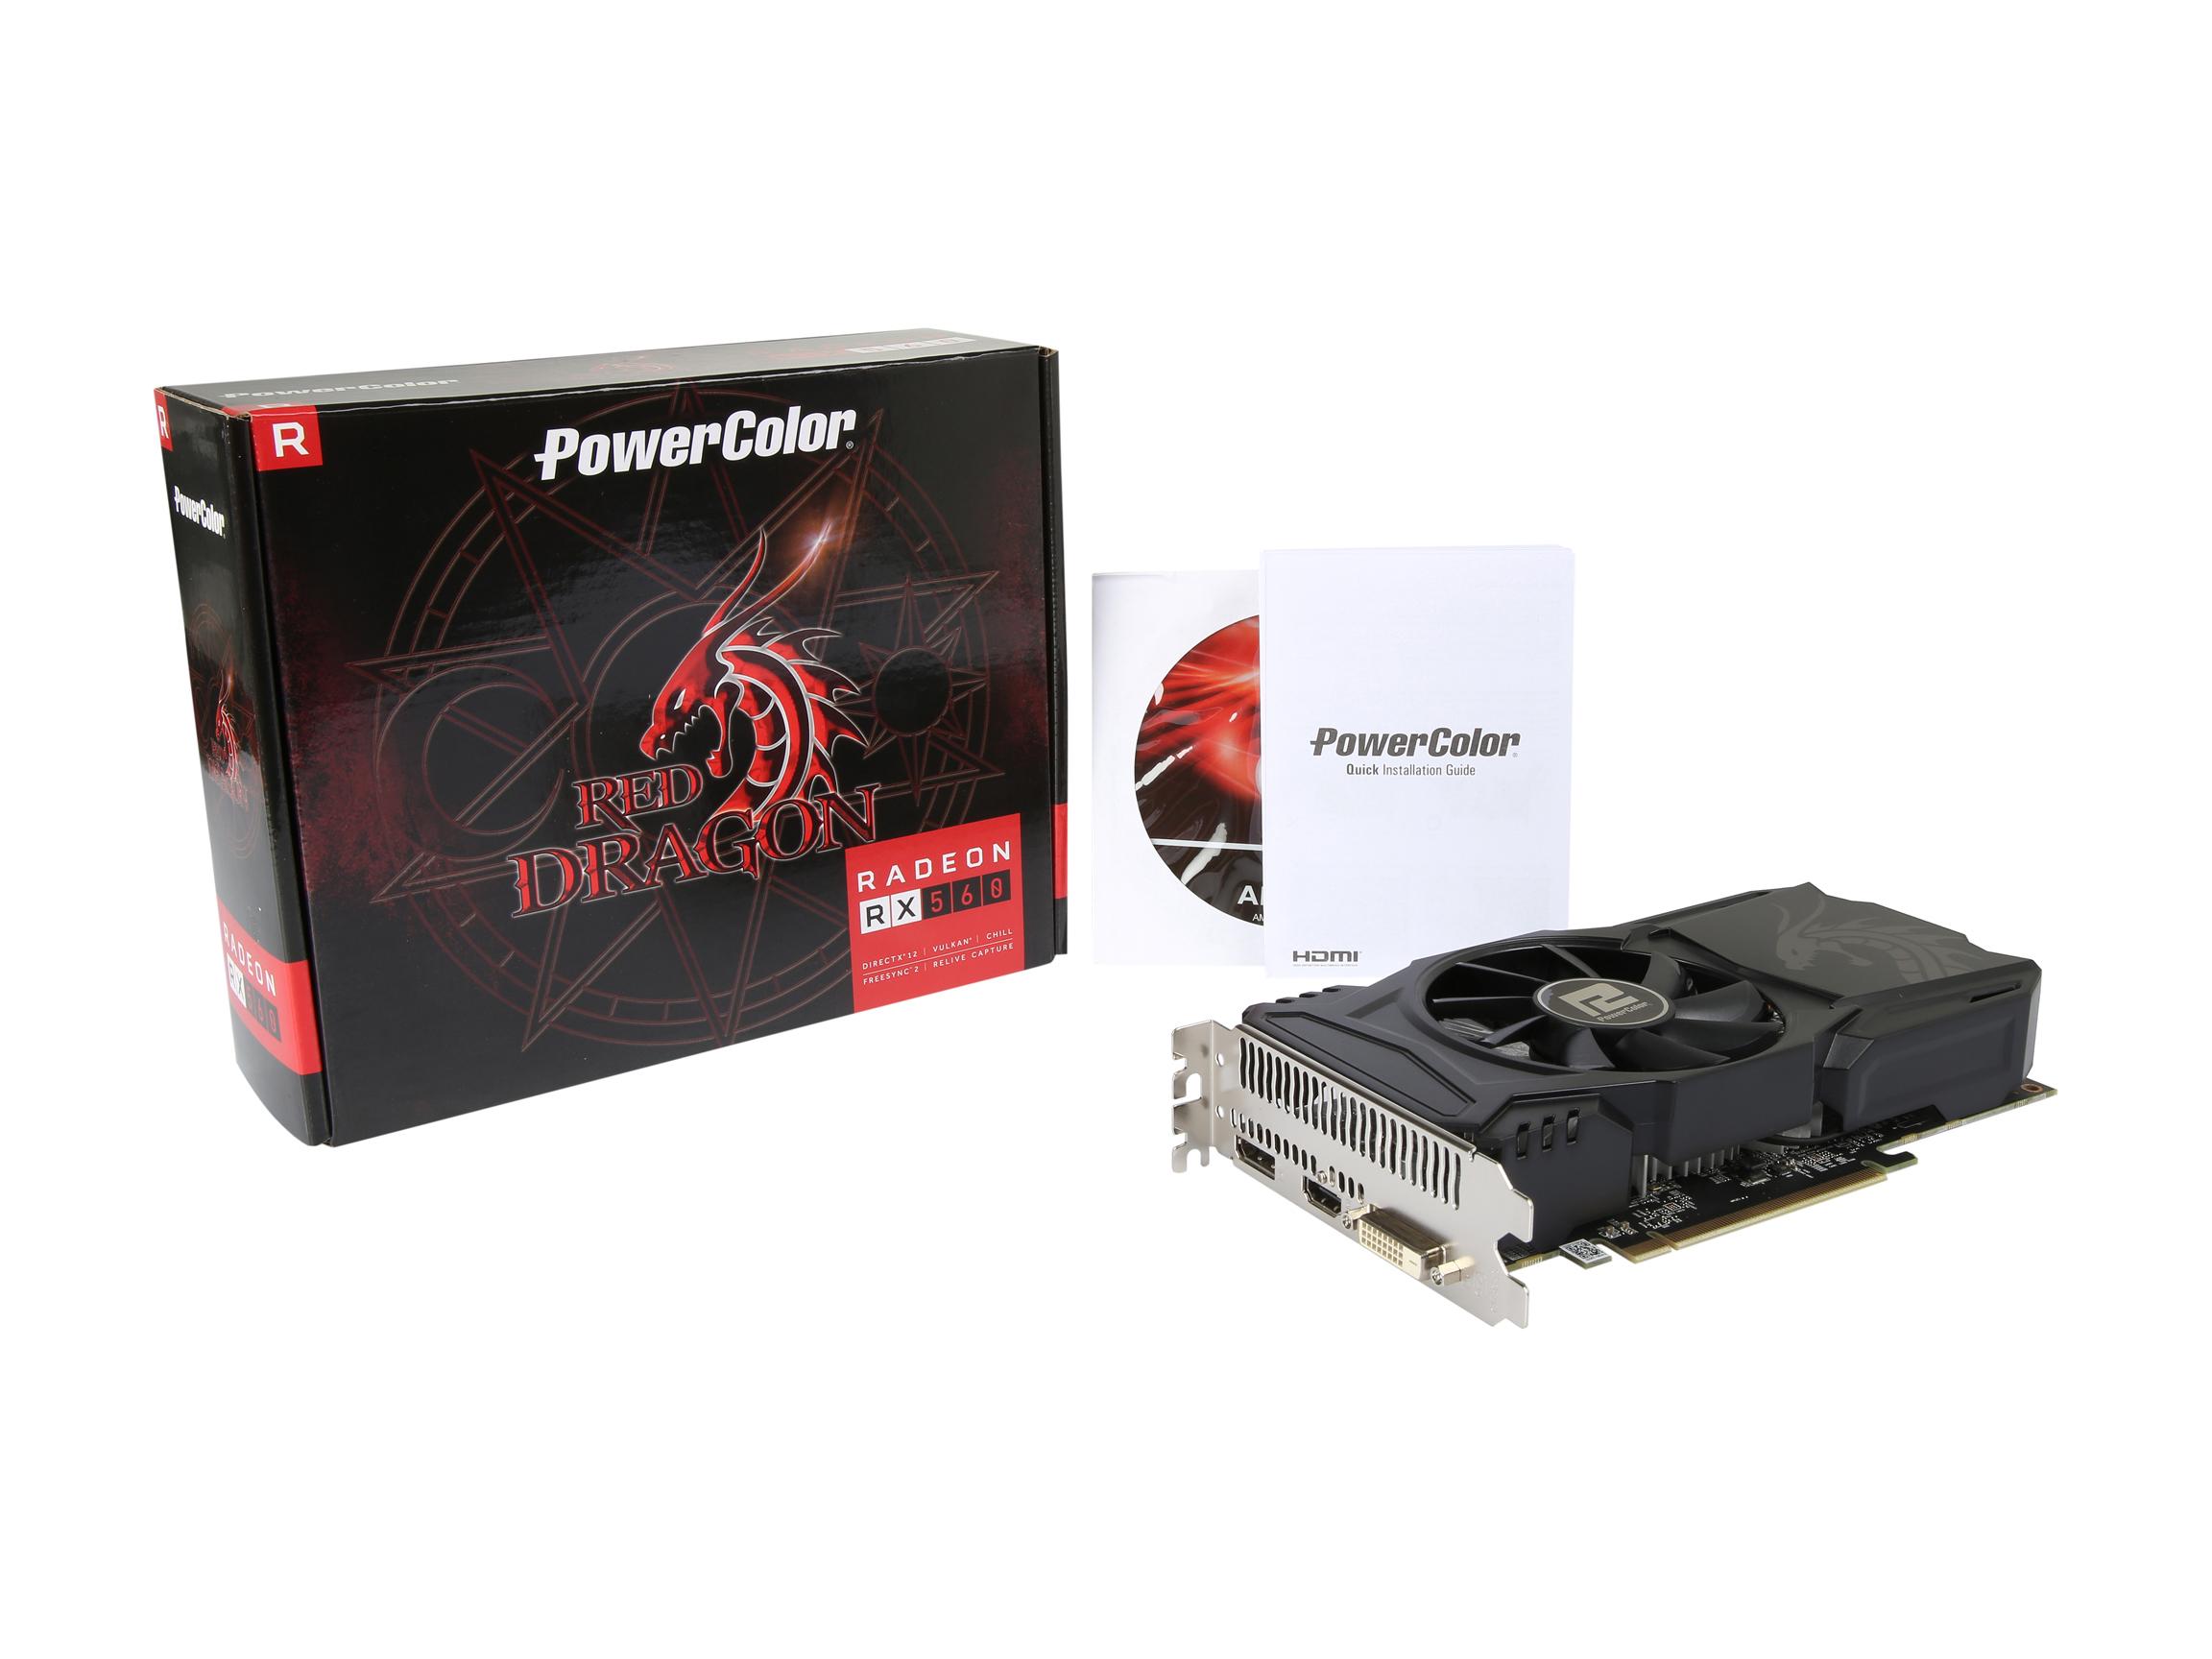 PowerColor Red Dragon Radeon RX 560 14CU DirectX 12 AXRX 560 4GBD5-DHA 4GB 128-Bit GDDR5 PCI Express 3.0 CrossFireX Support ATX Video Card